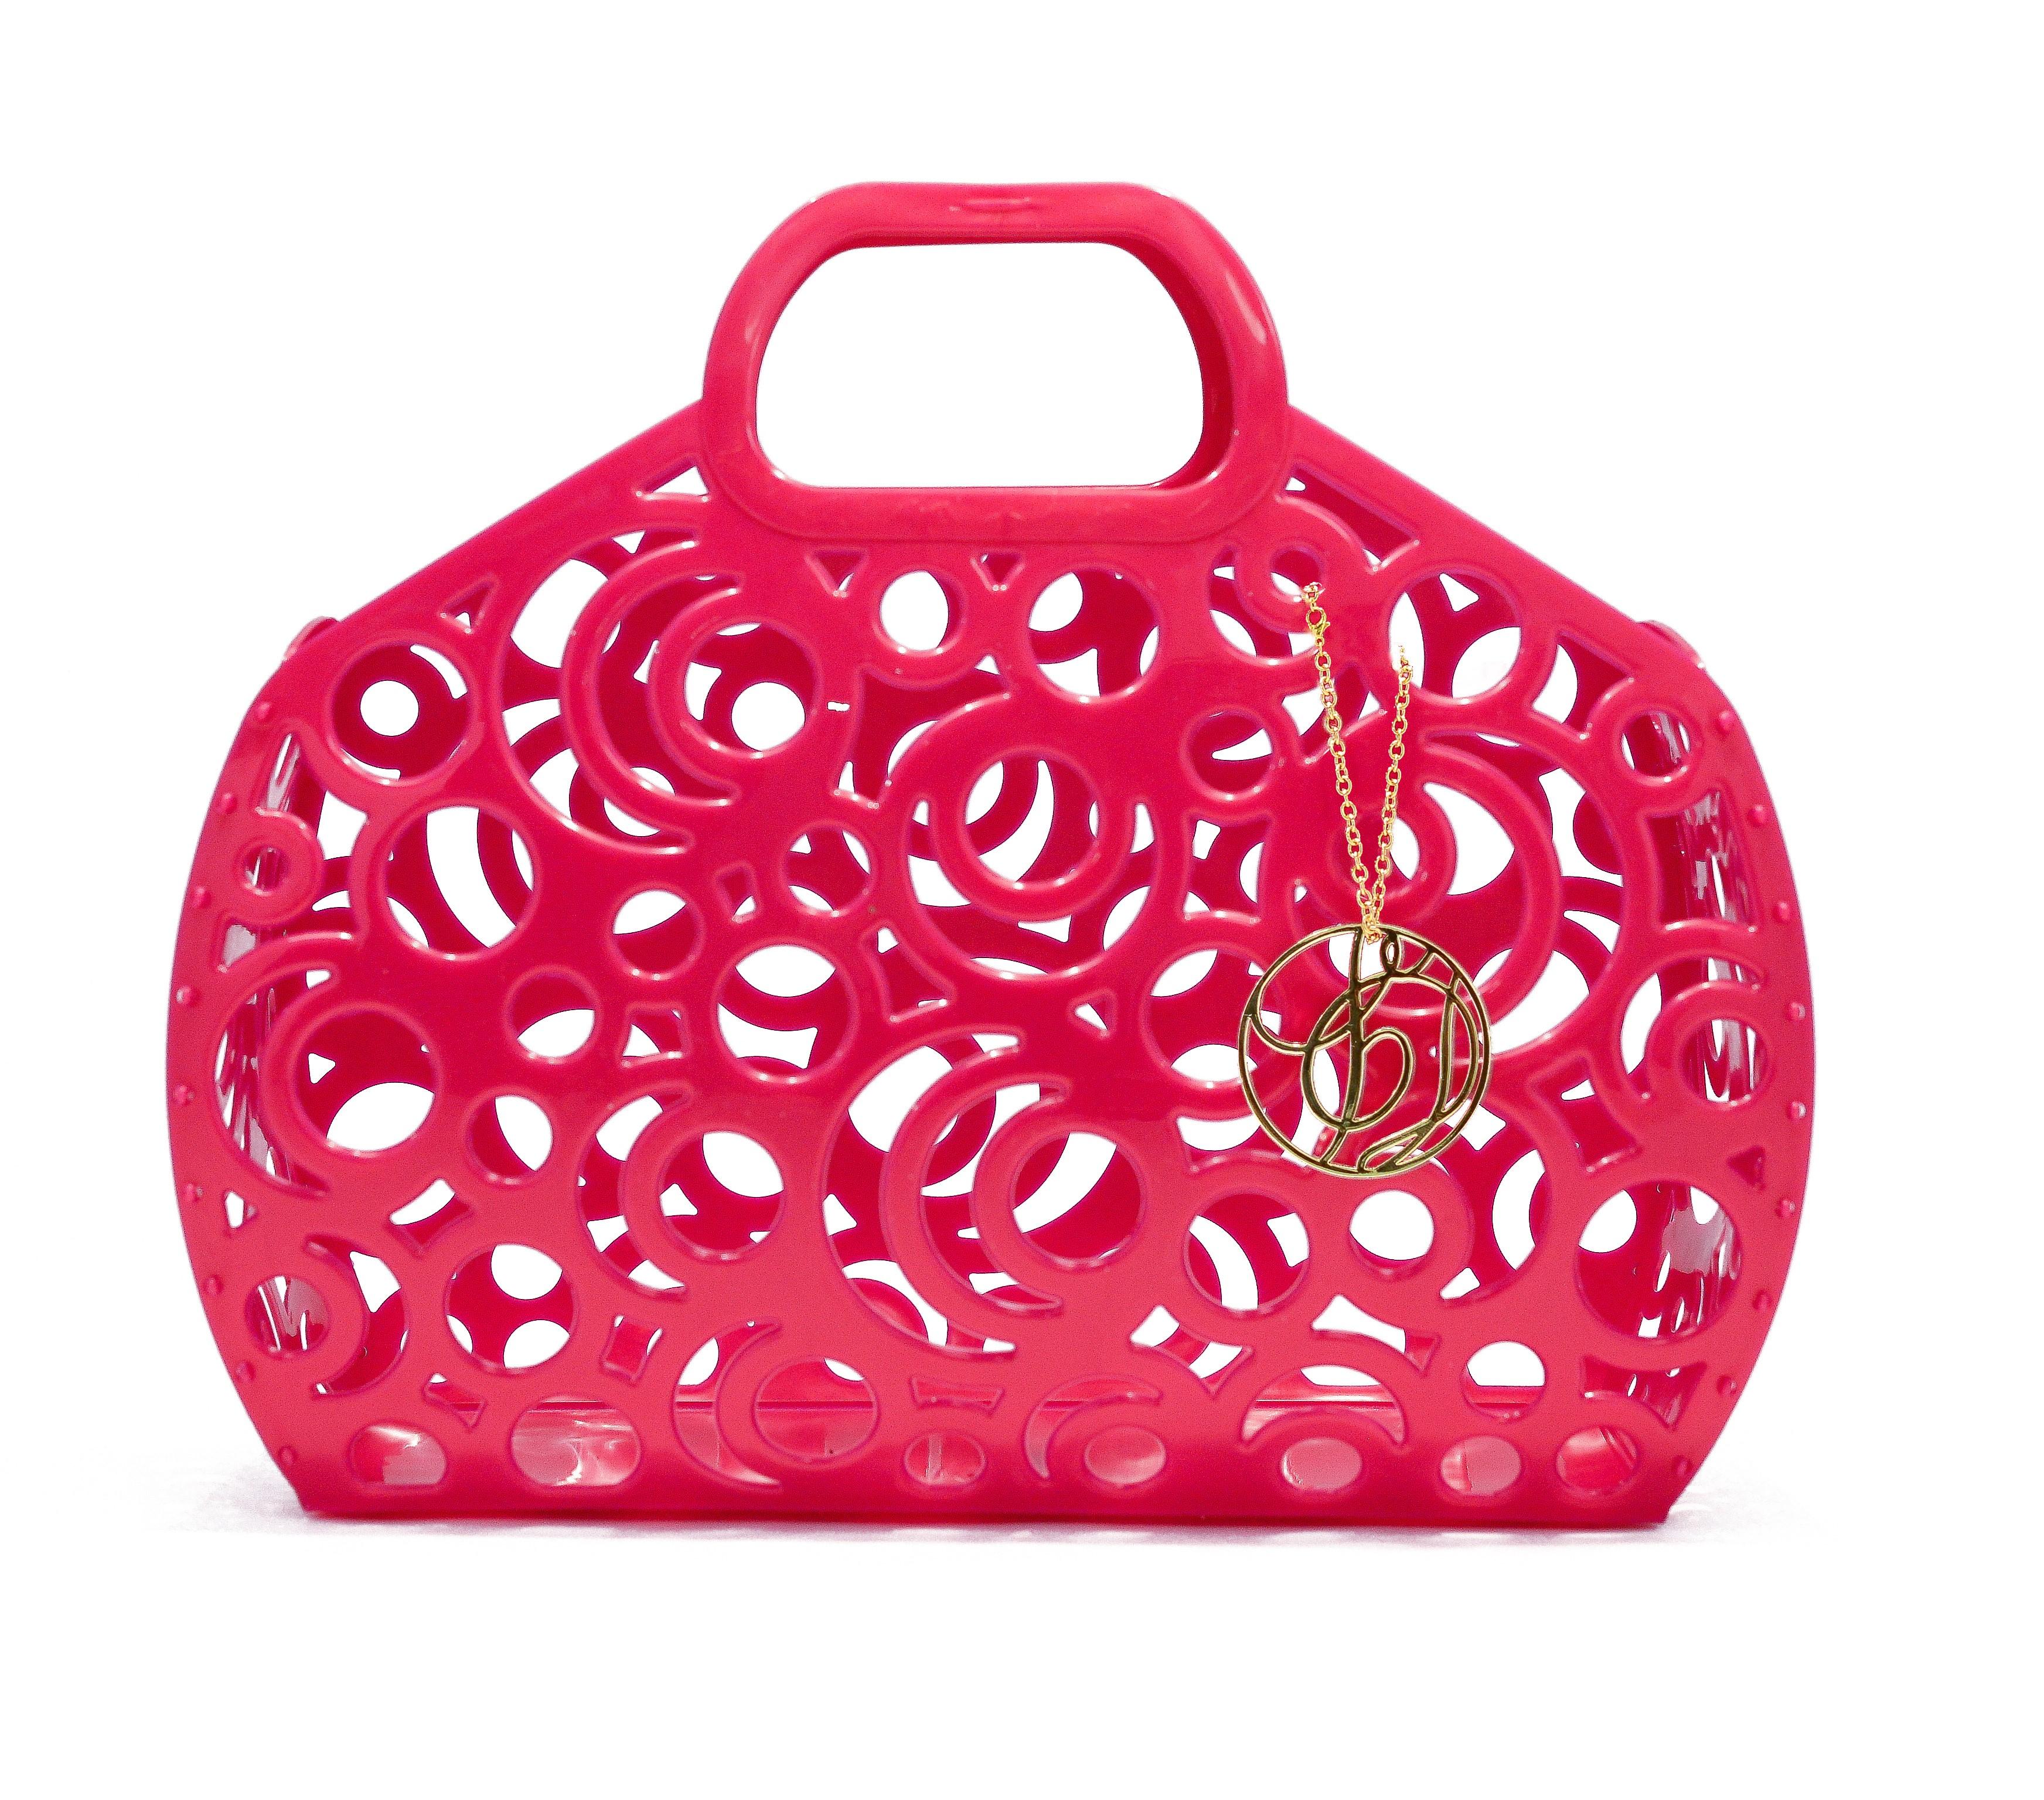 Väska Perstorp Design Retro 80. Miljövänlig återvinningsbar plast ... 9bd6398d167ee